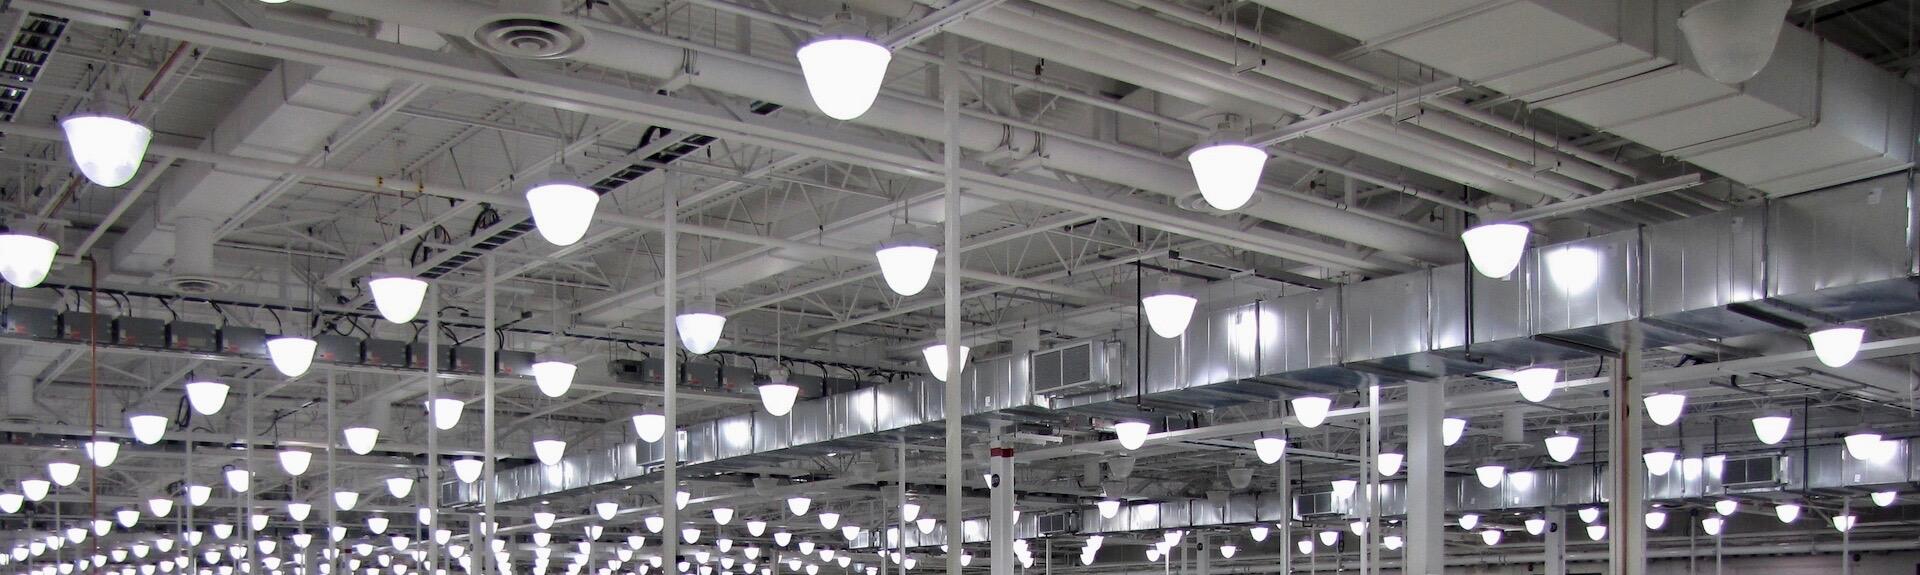 Vue du système de ventilation et de l'éclairage d'un atelier de réparation et d'entretien pour avions commerciaux